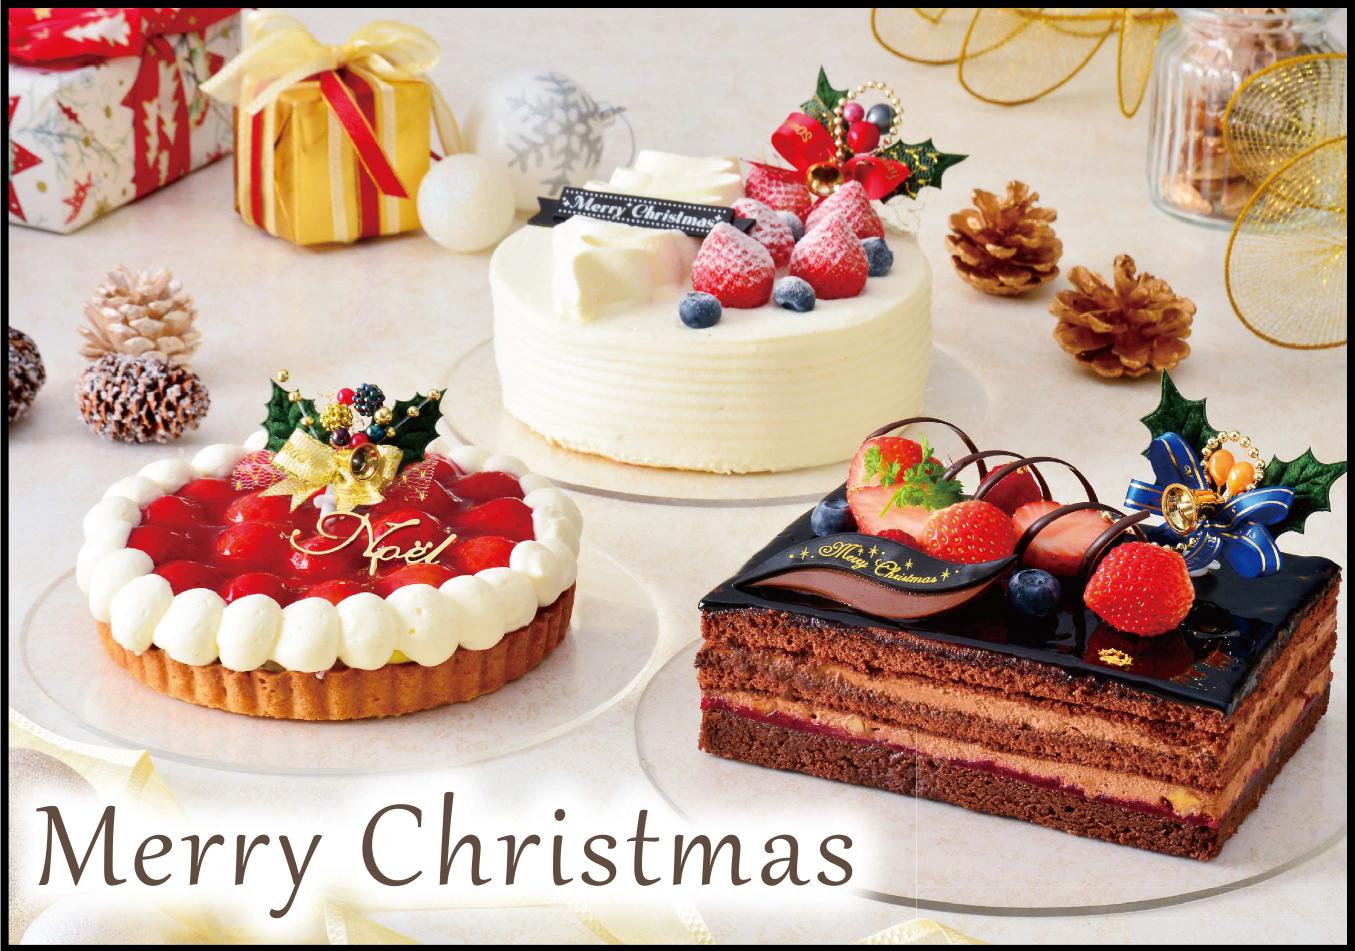 クリスマスケーキ&オードブル予約受付中です